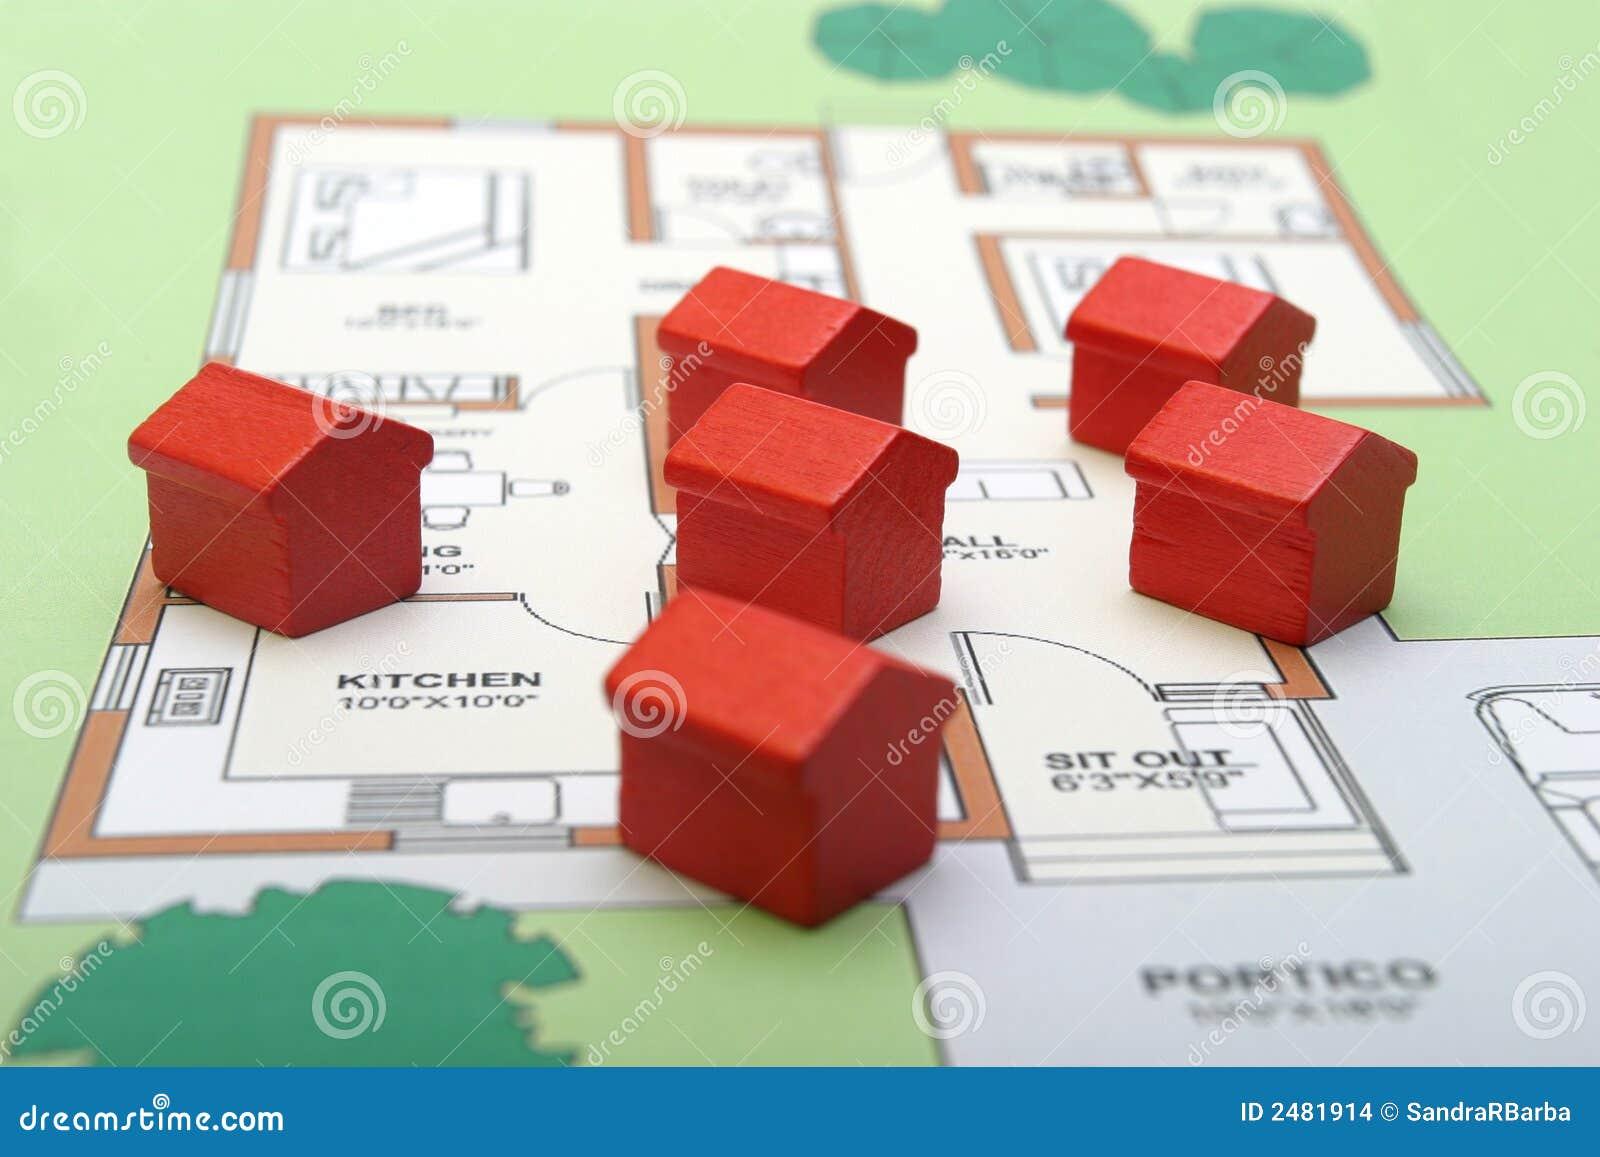 Petites maisons en bois sur un plan photo stock image du r el location 2481914 - Petites maisons en bois ...